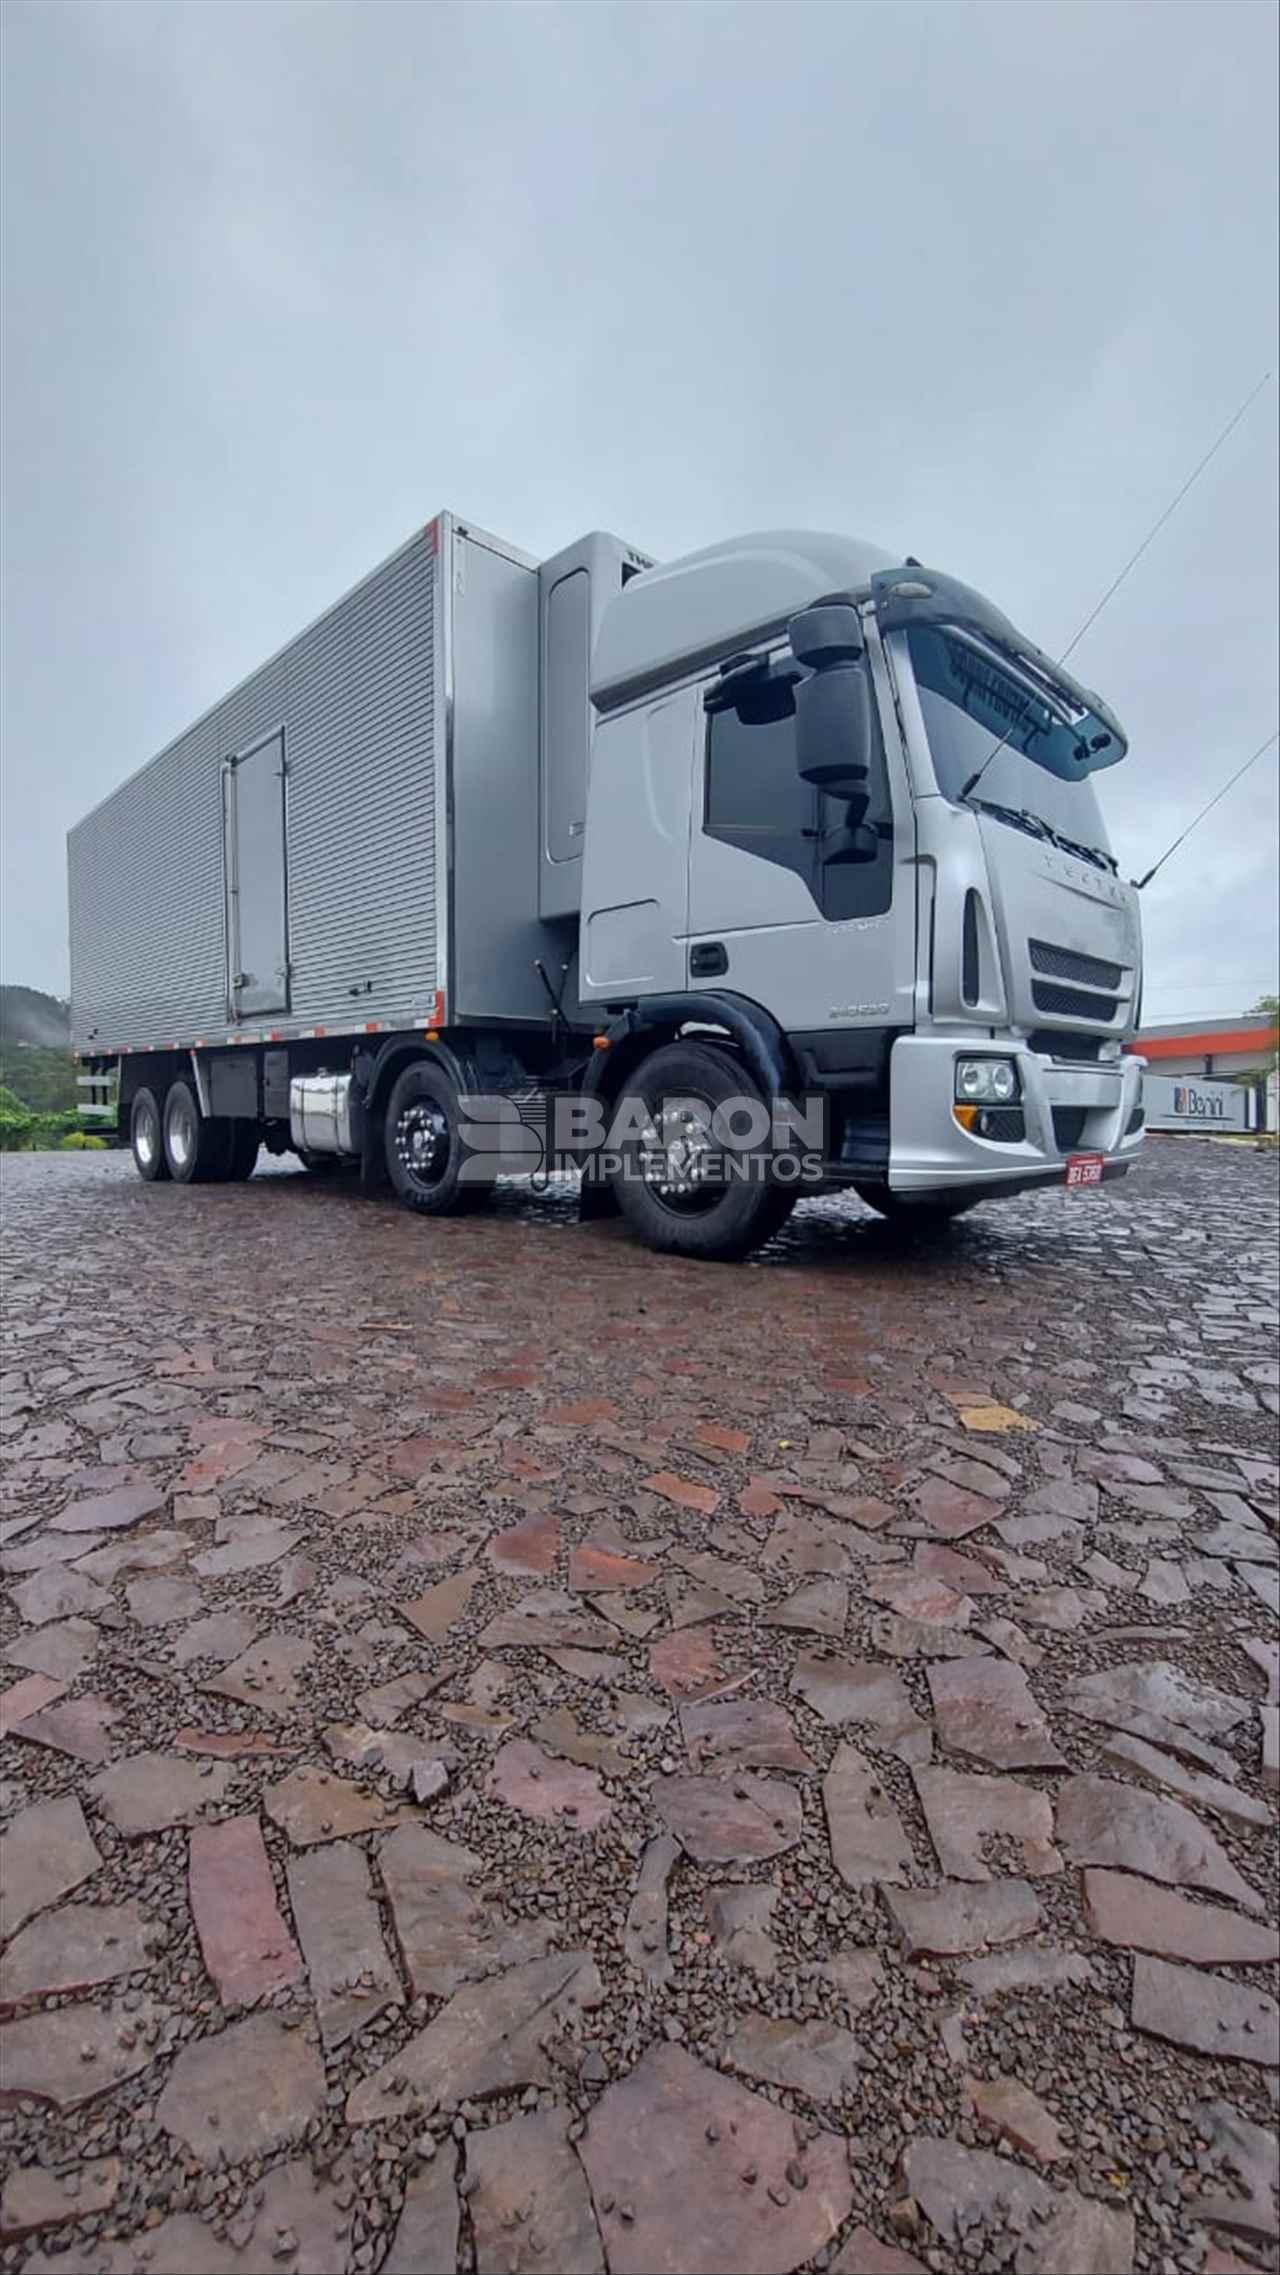 Tector 24 300 de Baron Implementos - RENASCENCA/PR